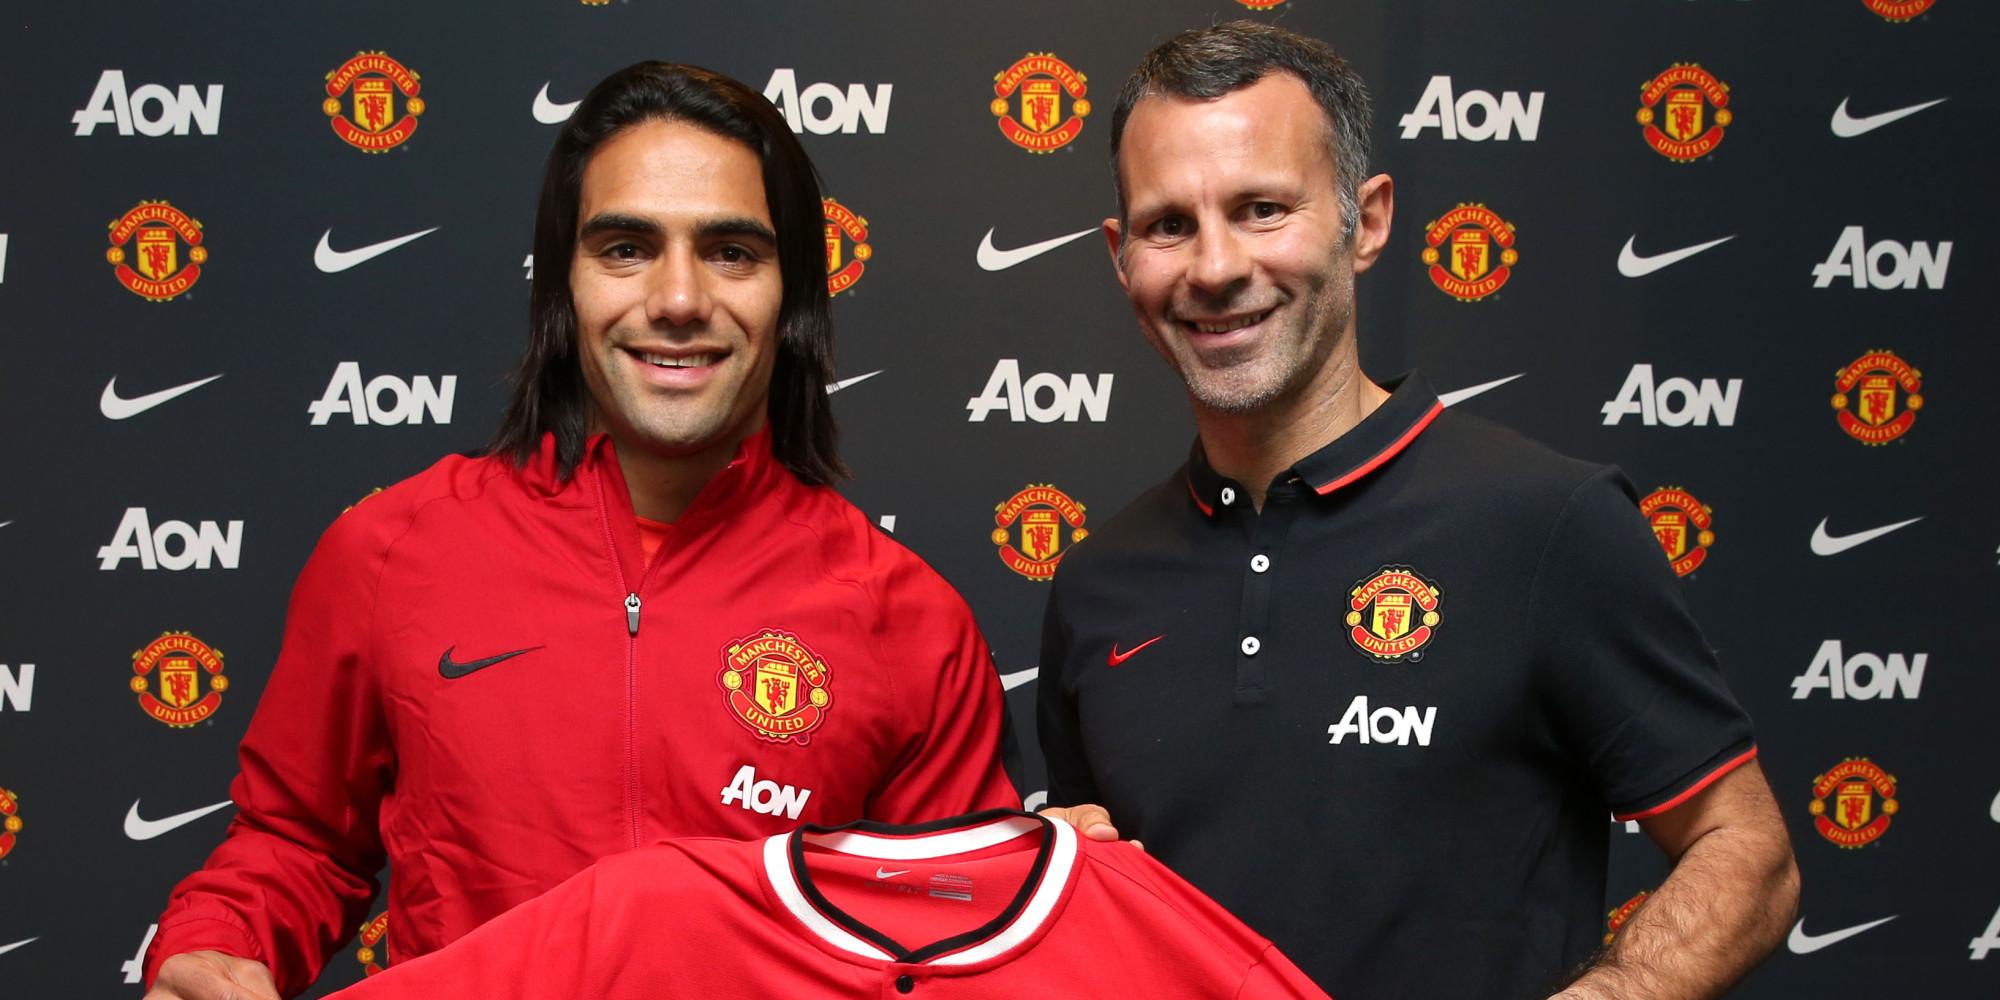 Calciomercato: ufficiale Falcao è del Manchester United